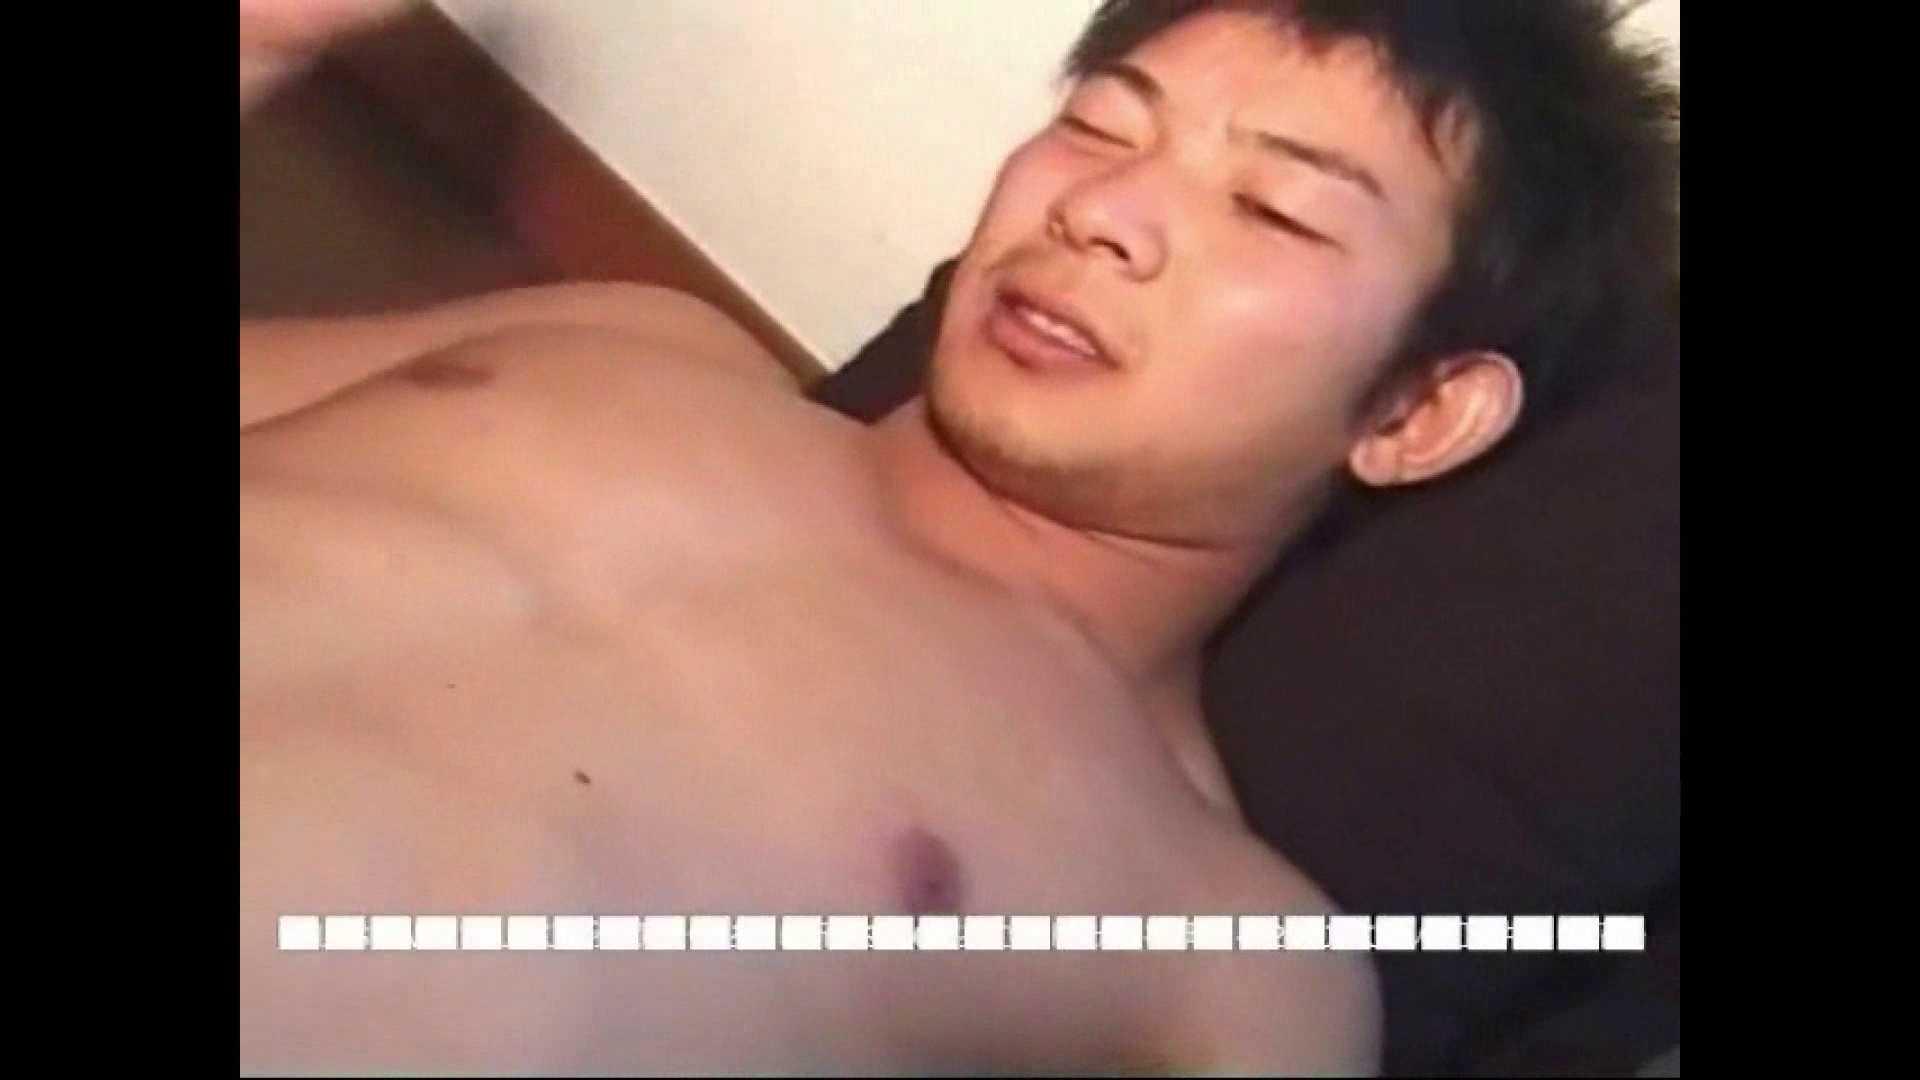 オナれ!集まれ!イケてるメンズ達!!File.43 ガチムチマッチョ系男子 ゲイエロビデオ画像 79枚 11